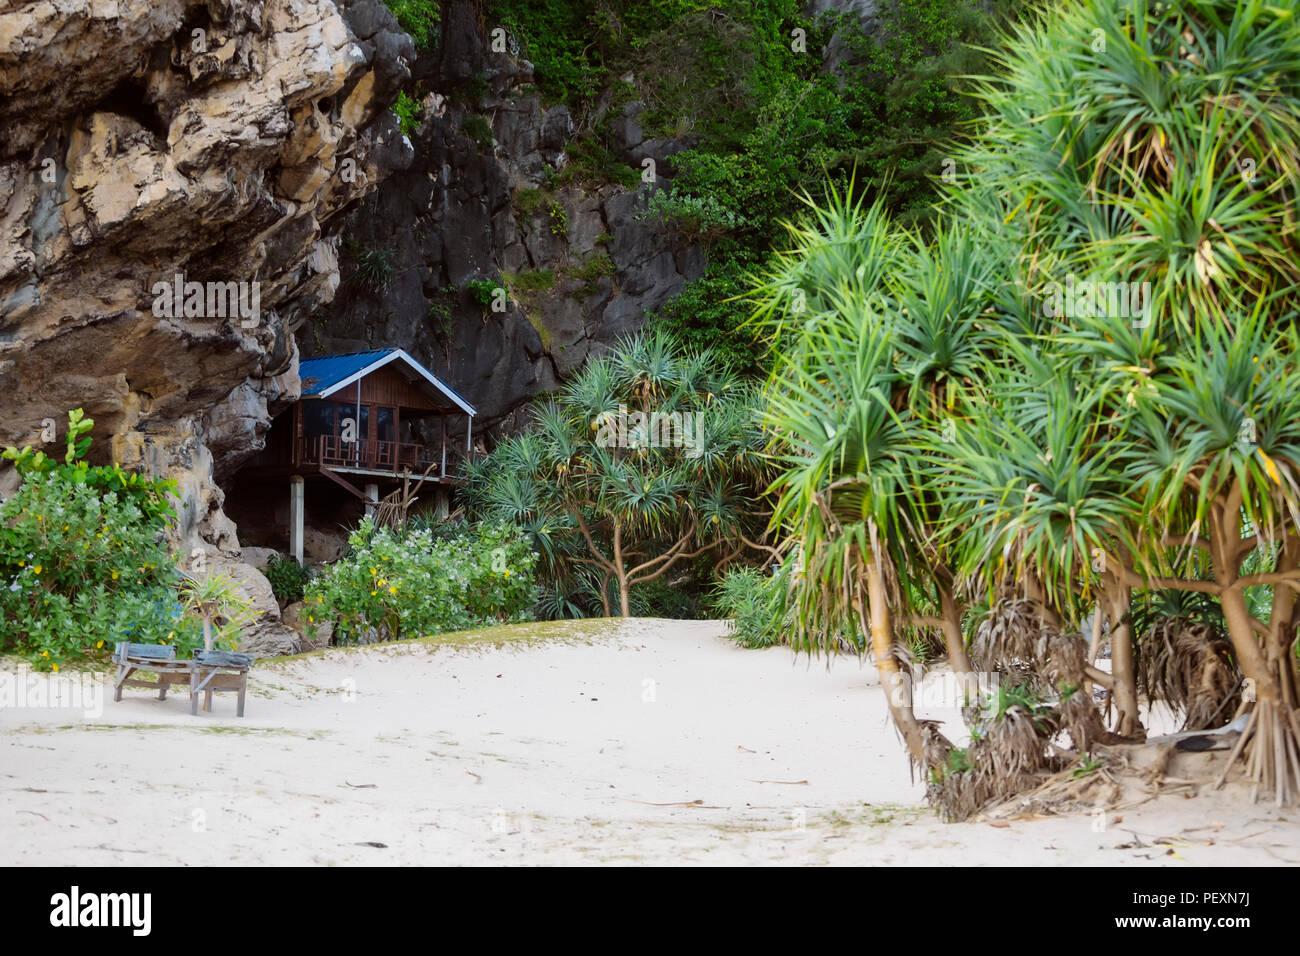 Bungalow vicino alla scogliera sulla spiaggia con palme, Banda Aceh e Sumatra, Indonesia Immagini Stock